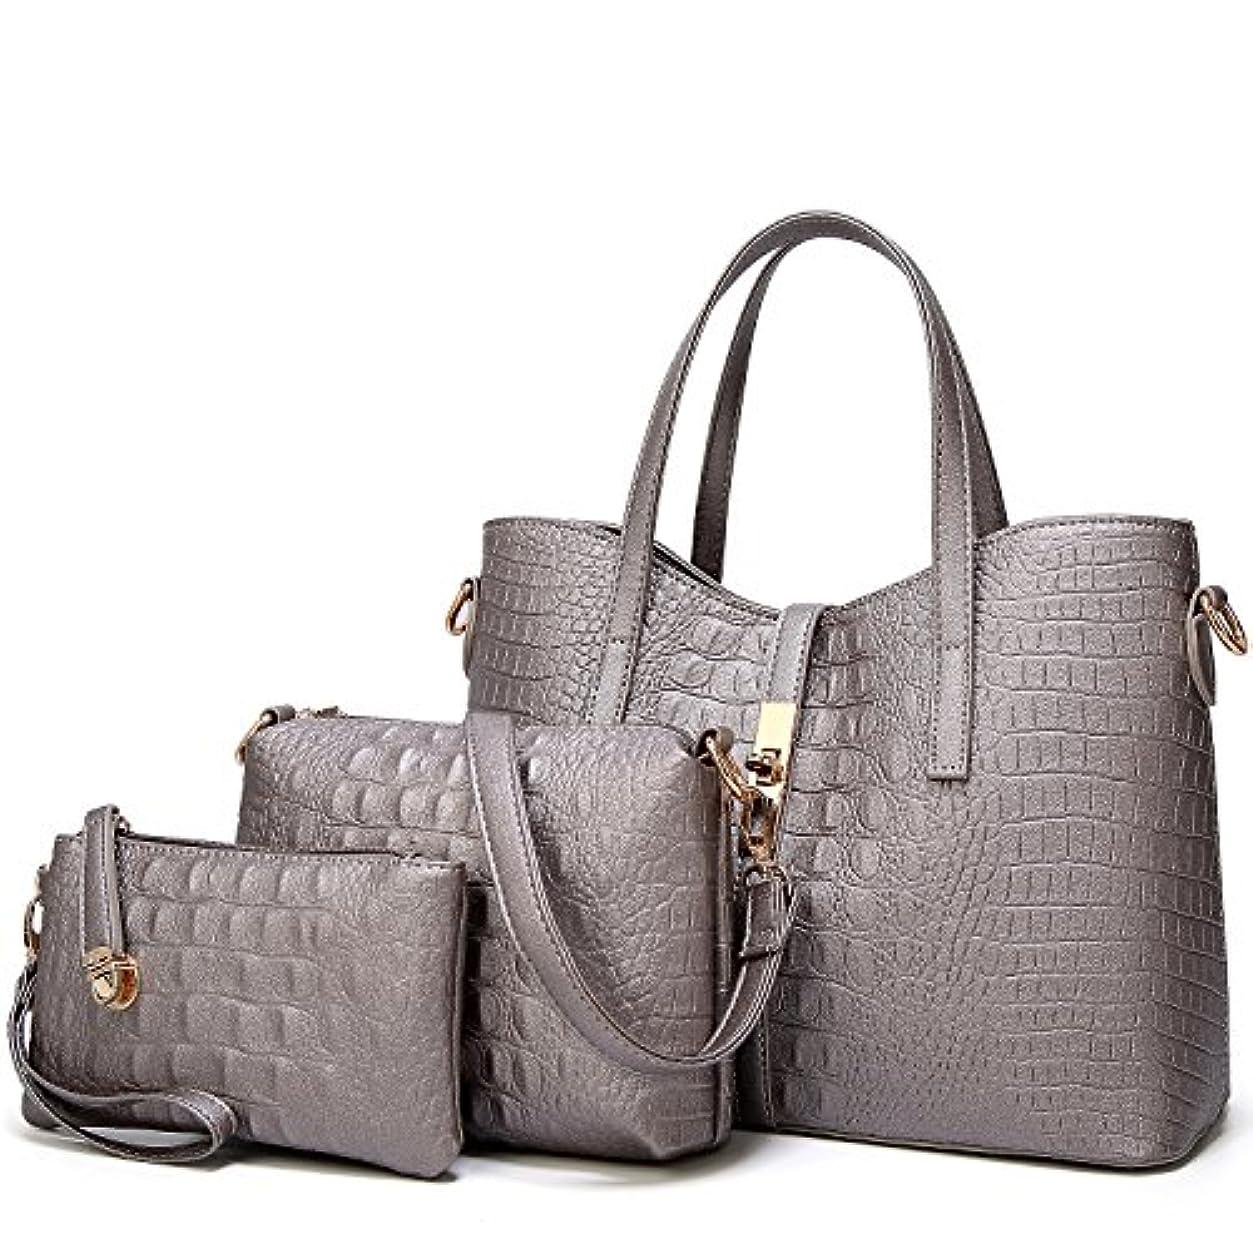 有毒な調整可能保存する[TcIFE] ハンドバッグ レディース トートバッグ 大容量 無地 ショルダーバッグ 2way 財布とハンドバッグ